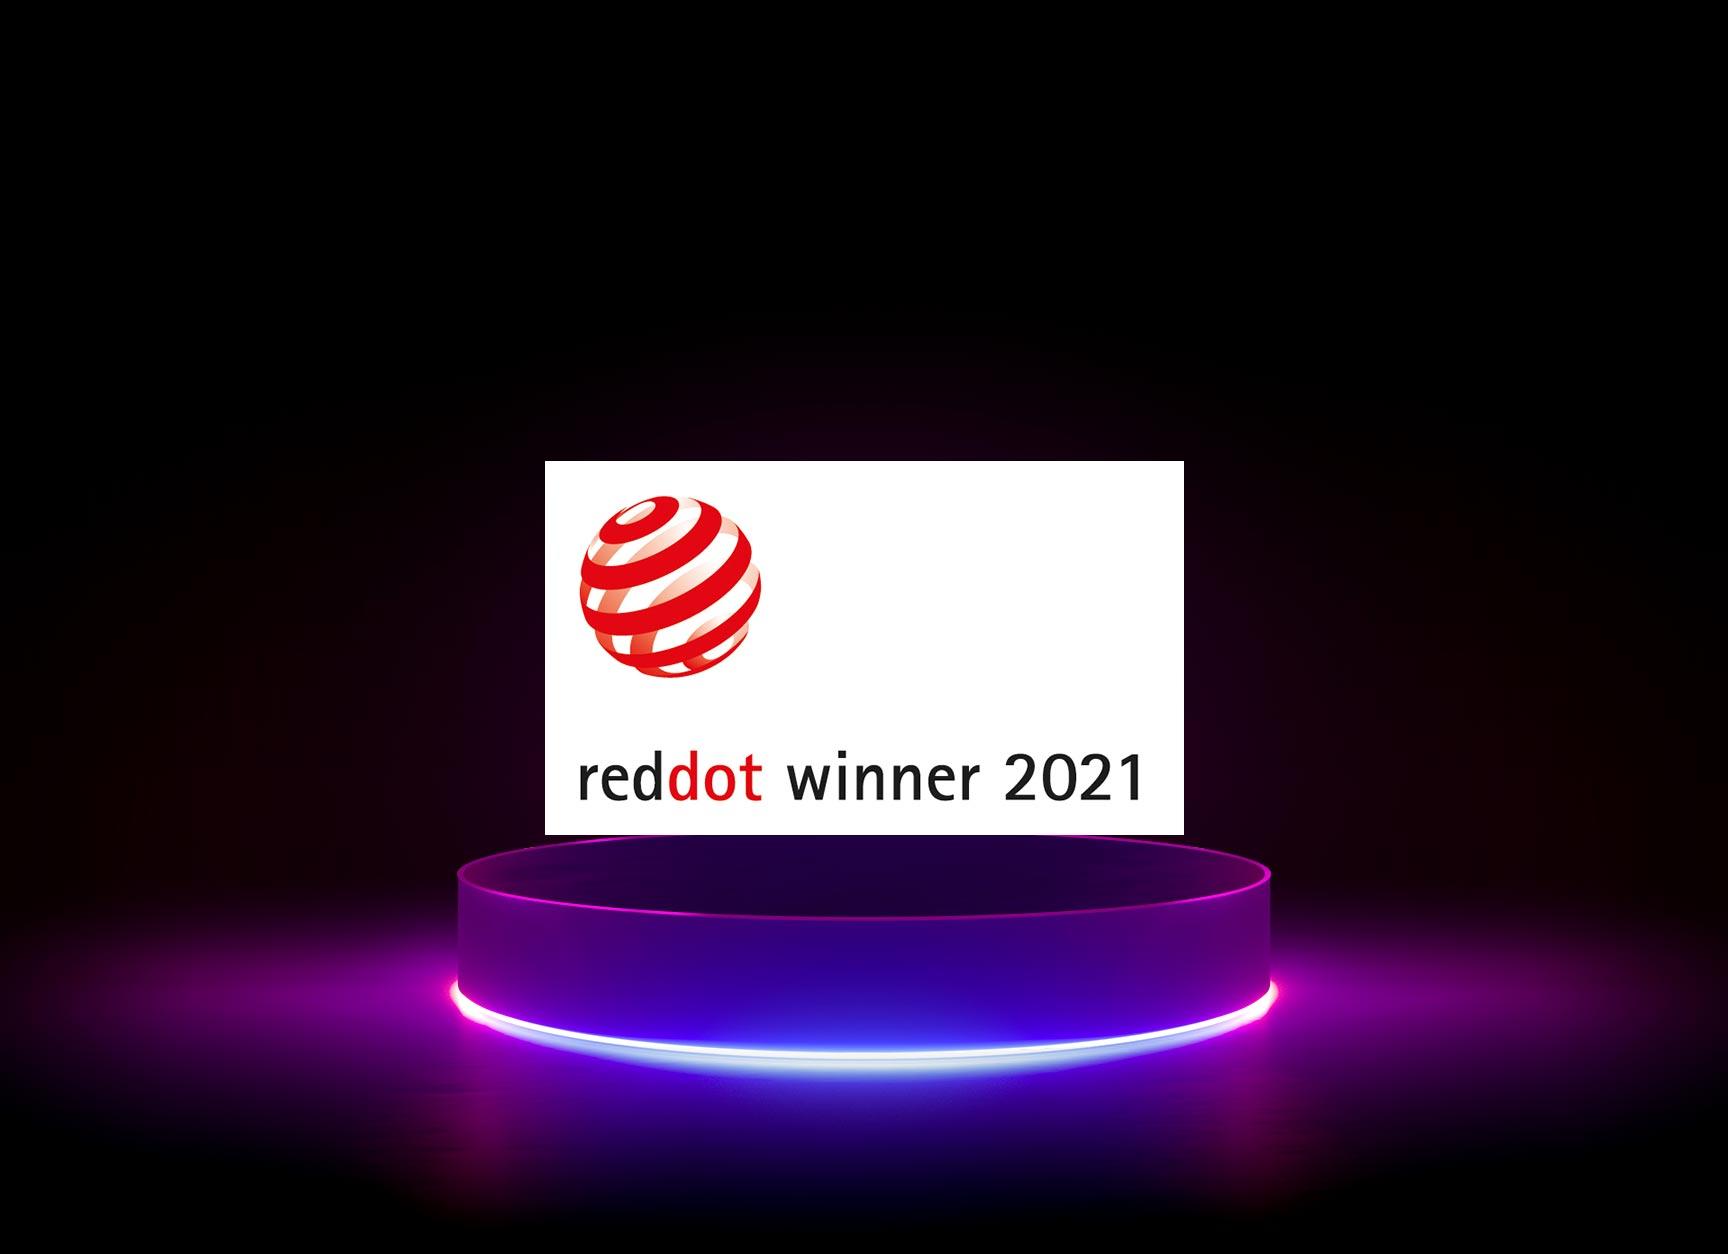 diva-e ist Red Dot Winner 2021